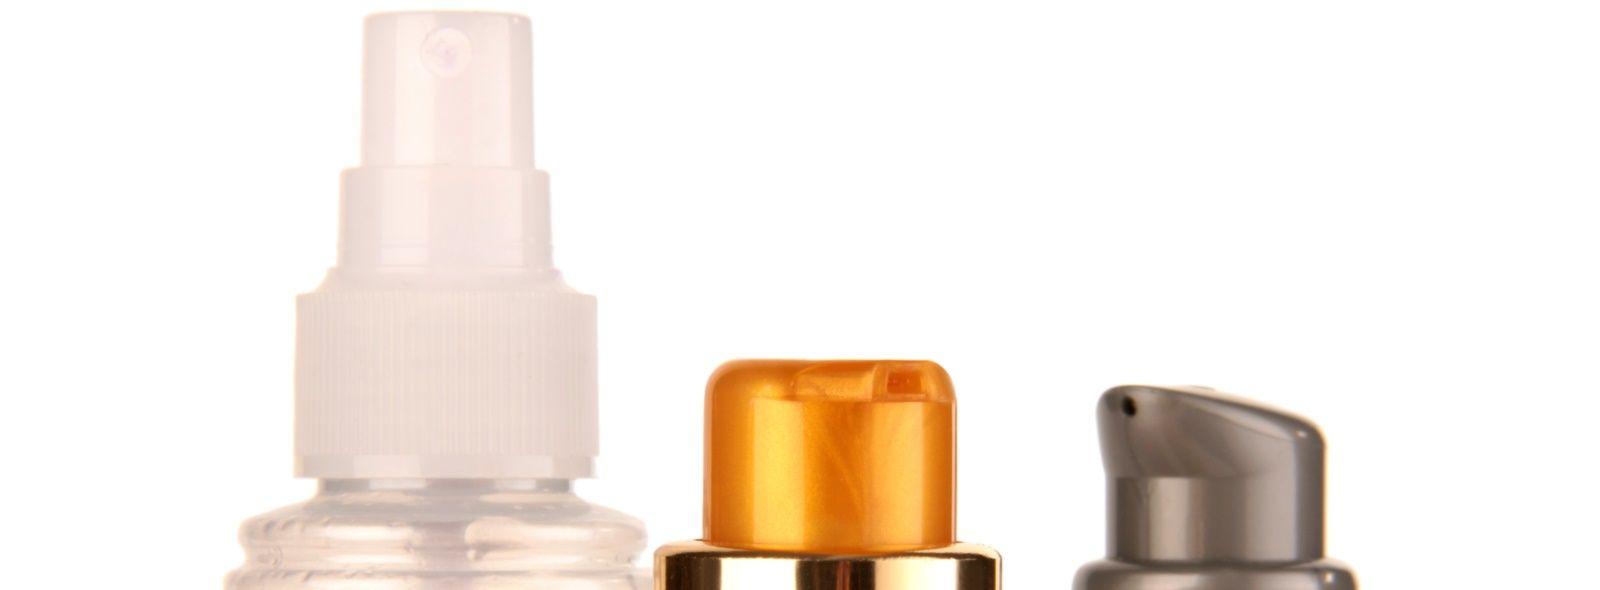 Acido ellagico nella cosmesi